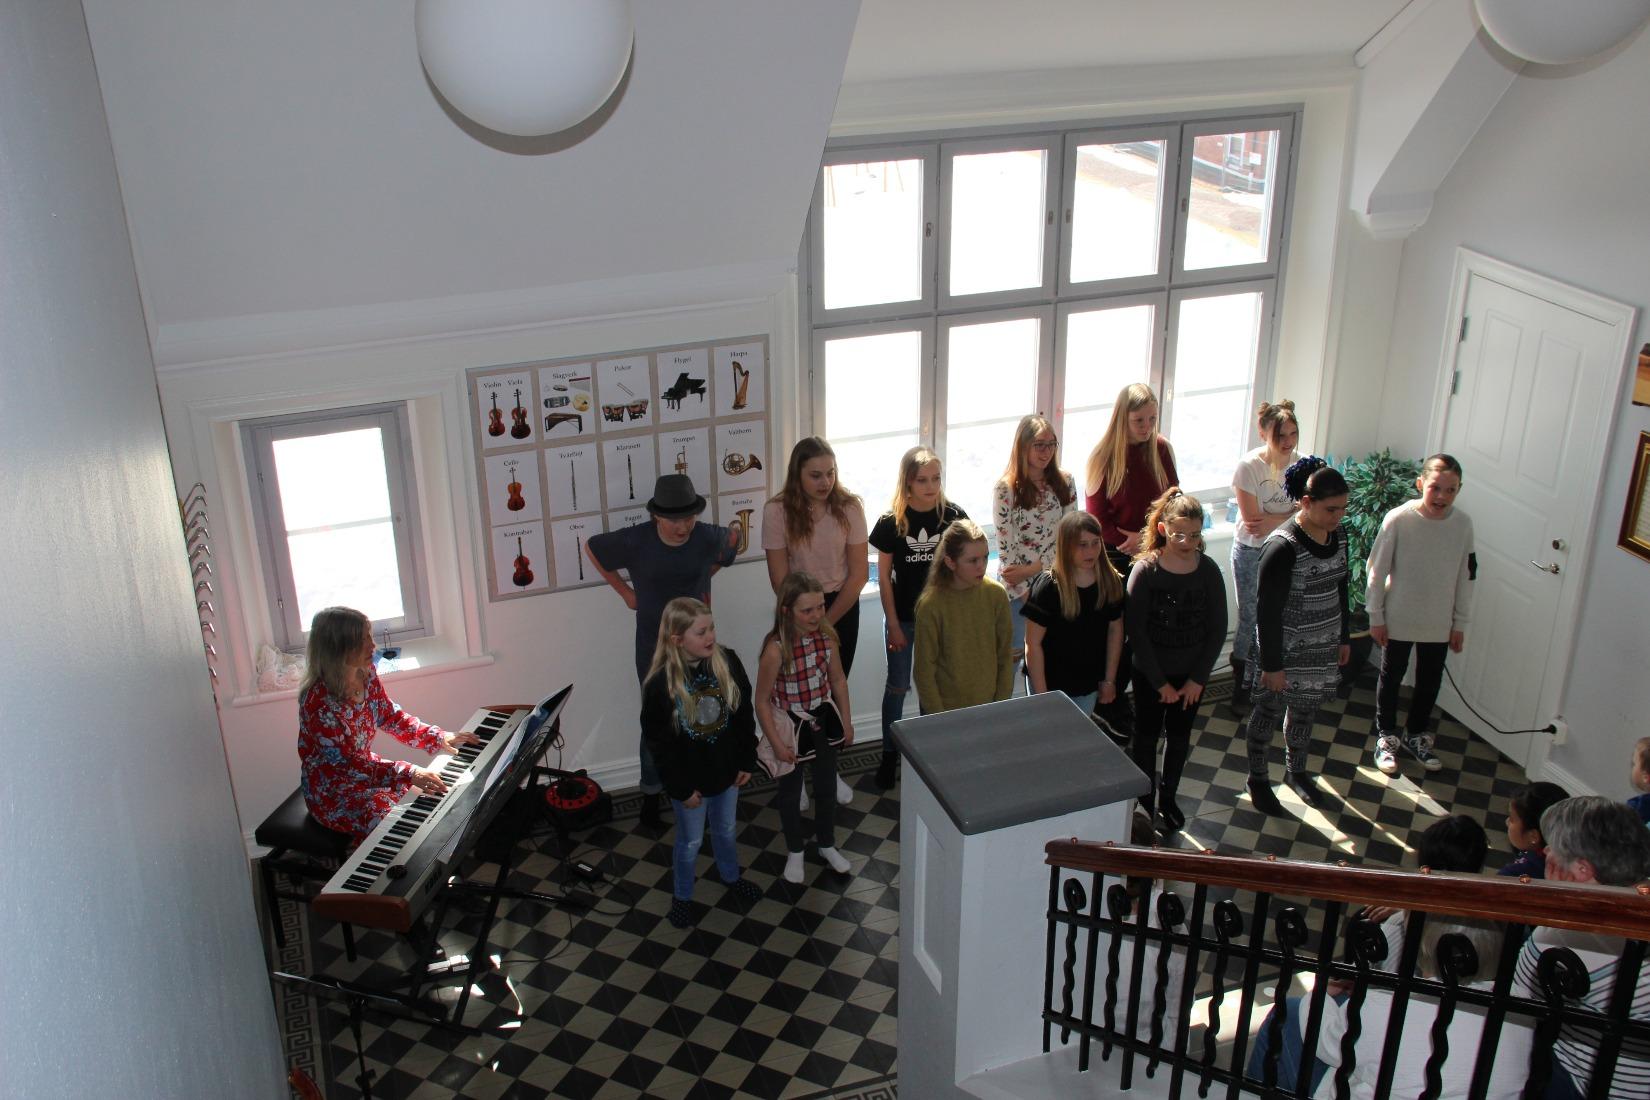 2018-04-14 - Musikskolans dag. Mellanstadiekören sjöng på Musikskolan